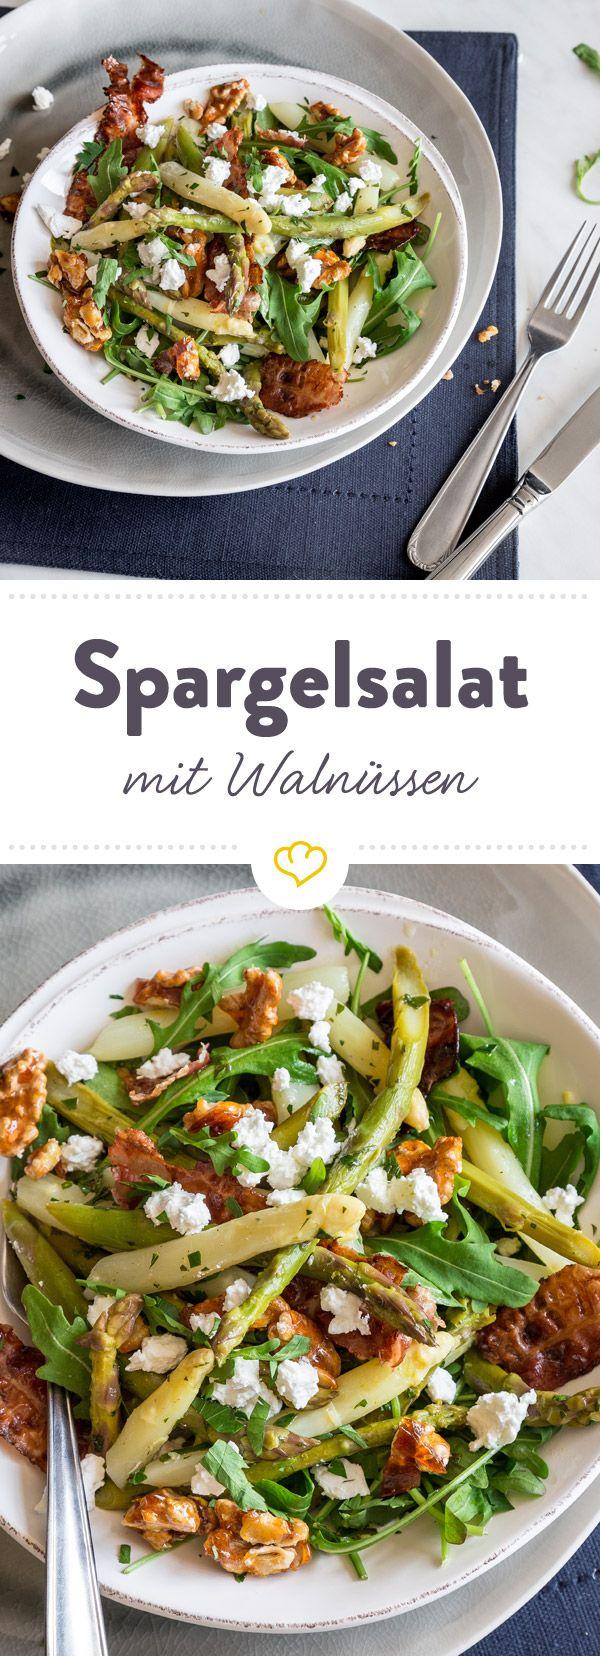 Grün-weißer Spargelsalat mit karamellisierten Walnüssen #grillingrecipes